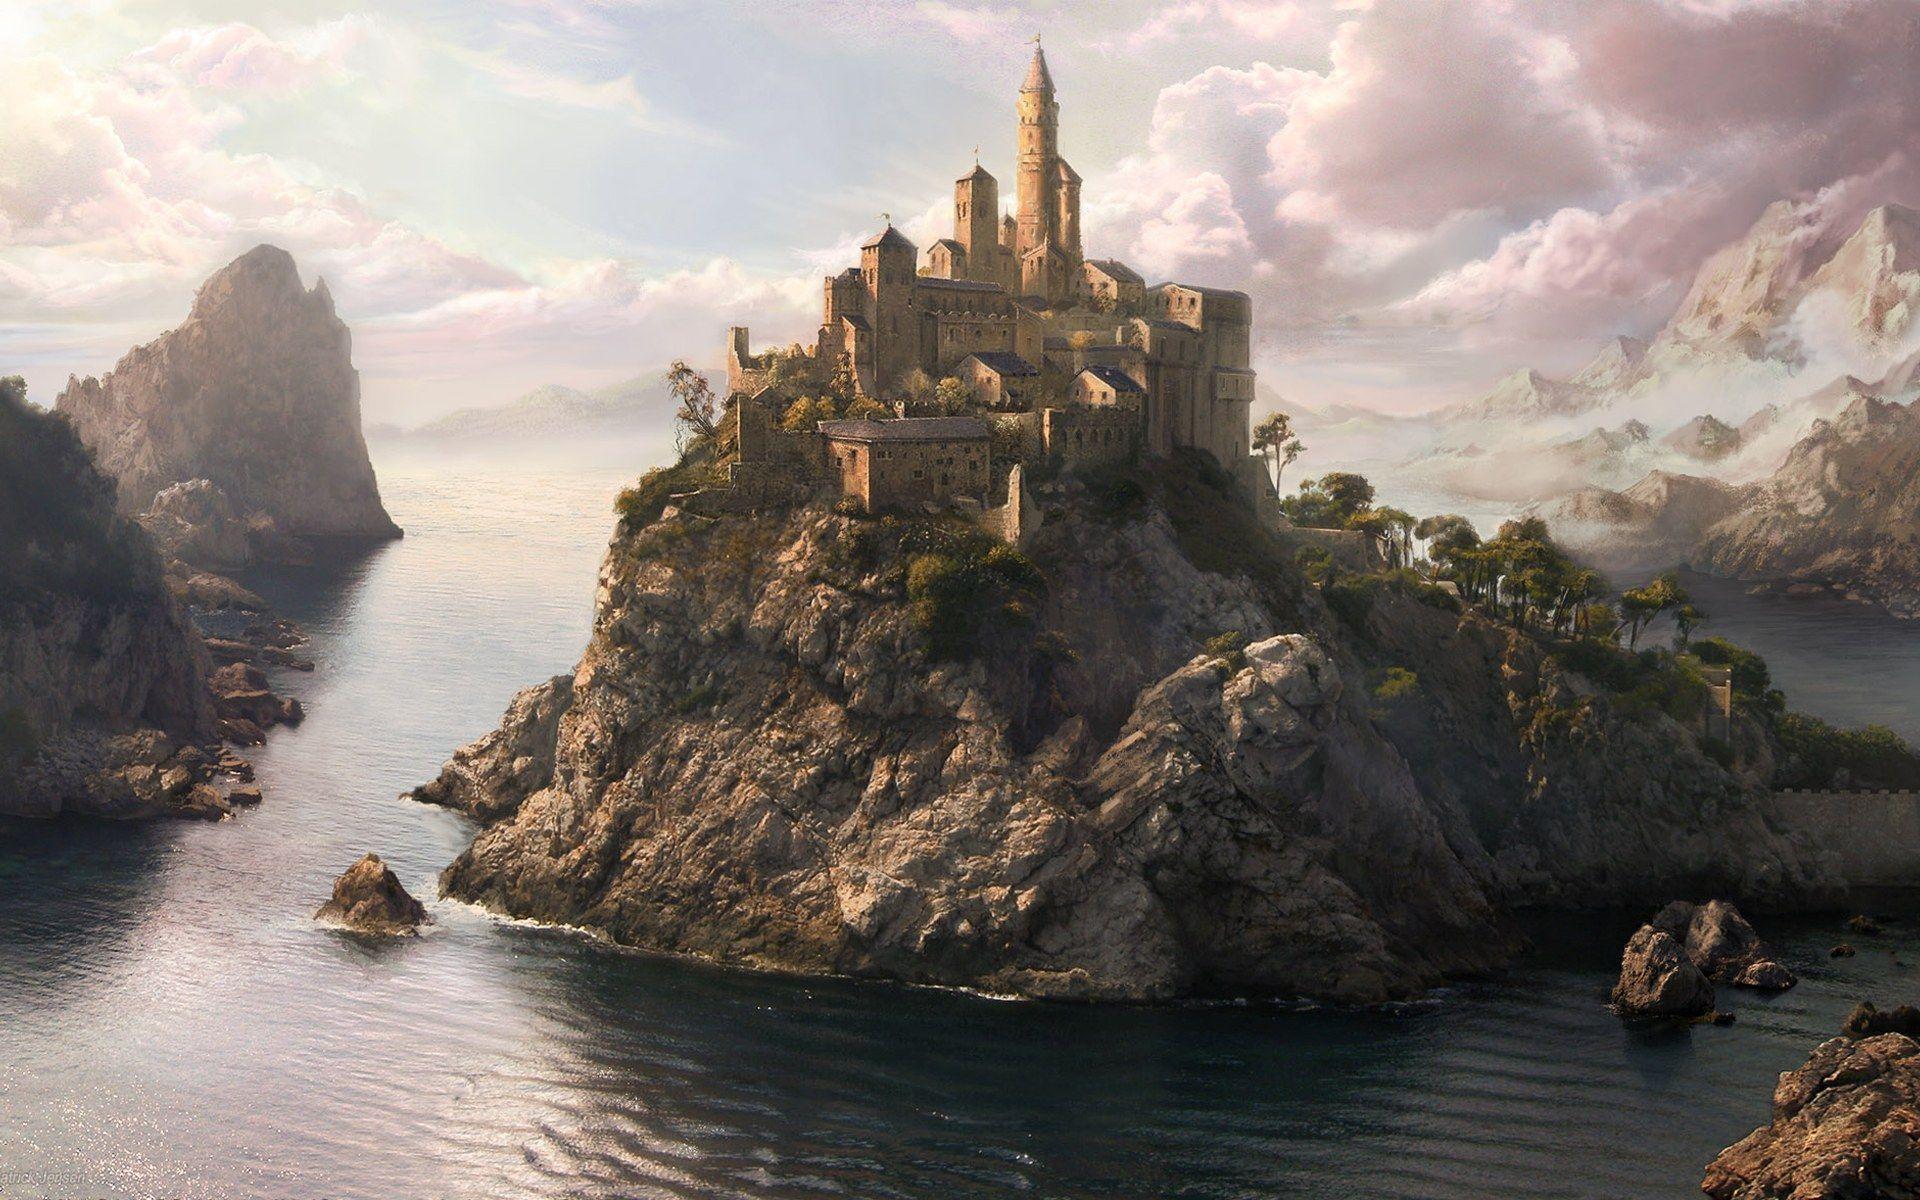 Fantasy-Landscape-Image.jpg